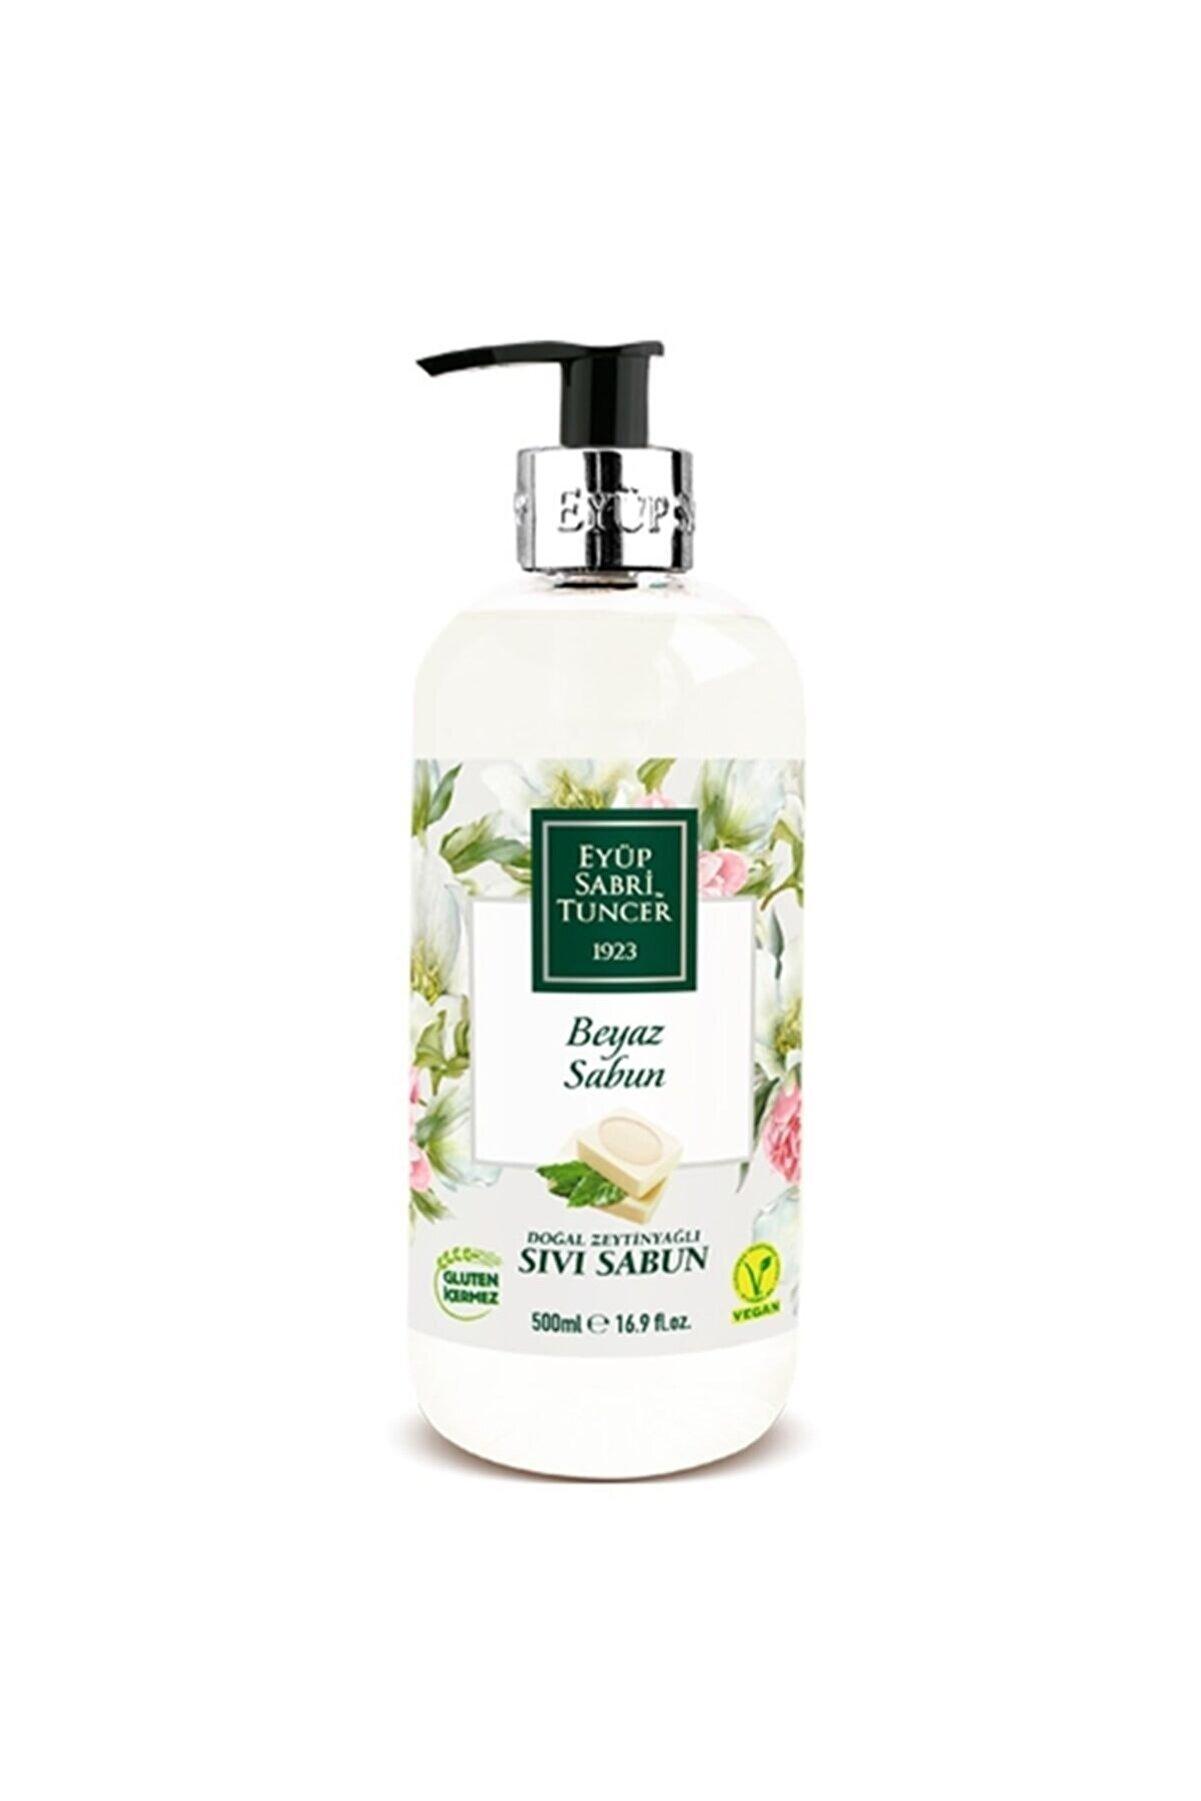 Eyüp Sabri Tuncer Doğal Zeytinyağlı Beyaz Sıvı Sabun 500 ml